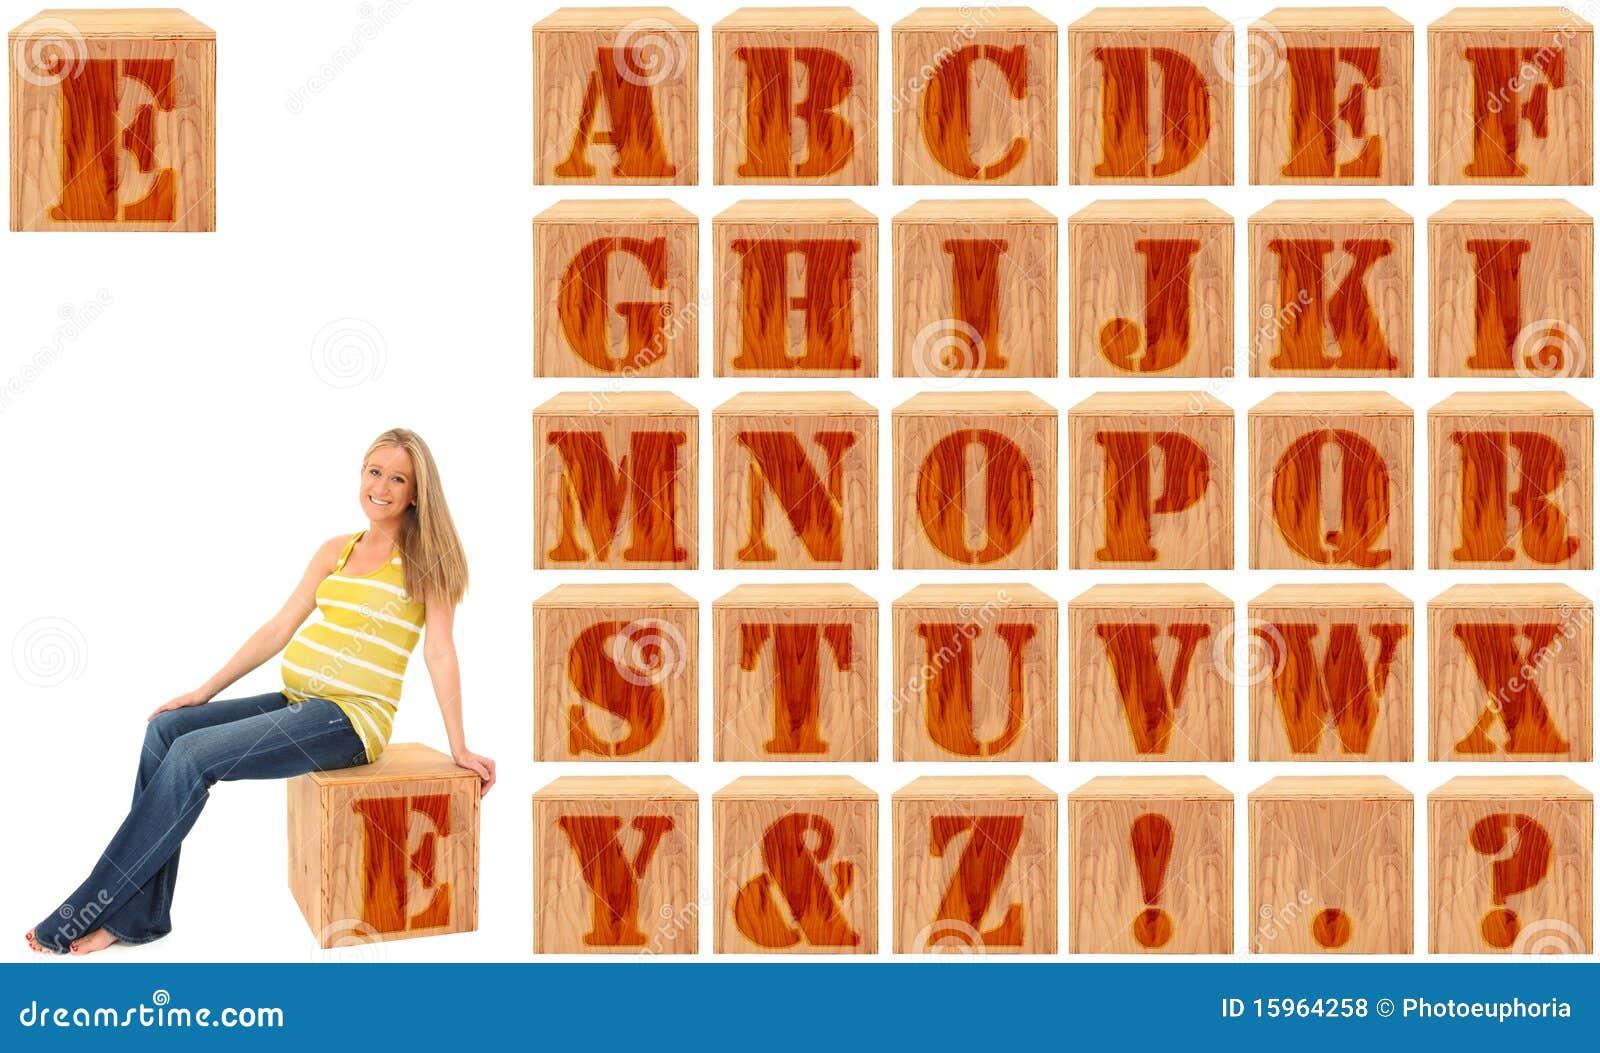 Blocos gravados madeira do alfabeto com mulher gravida